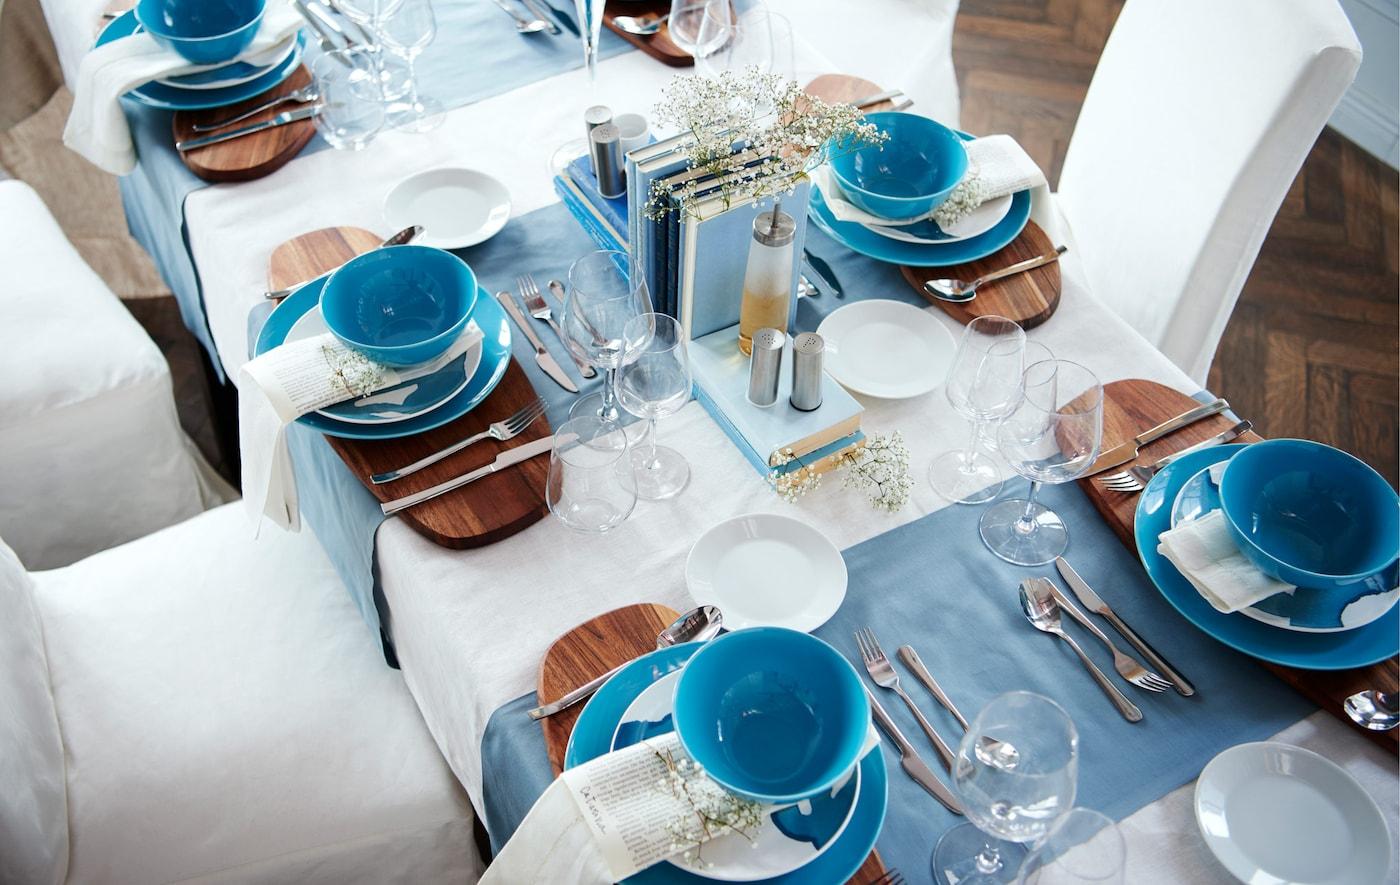 Vista zenital d'una taula de menjador amb una presentació formal en blanc i blau.